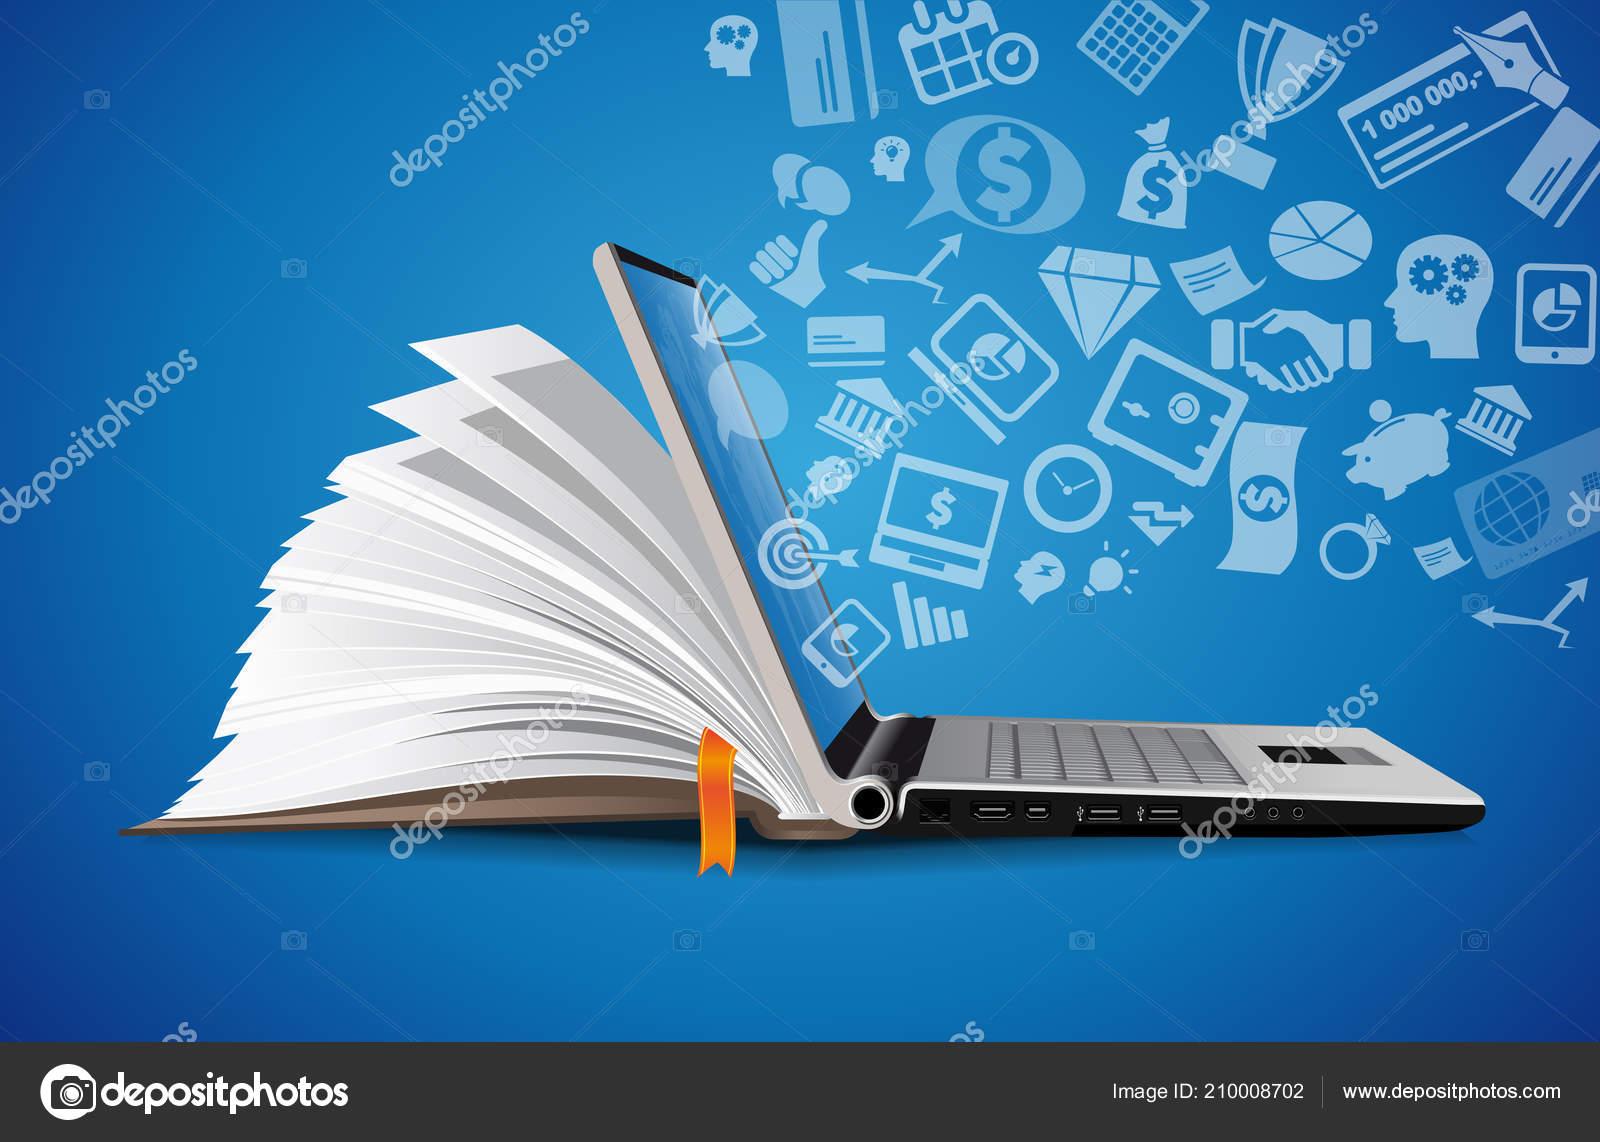 download методические указания по проведению преддипломной практики специальность осударственное и